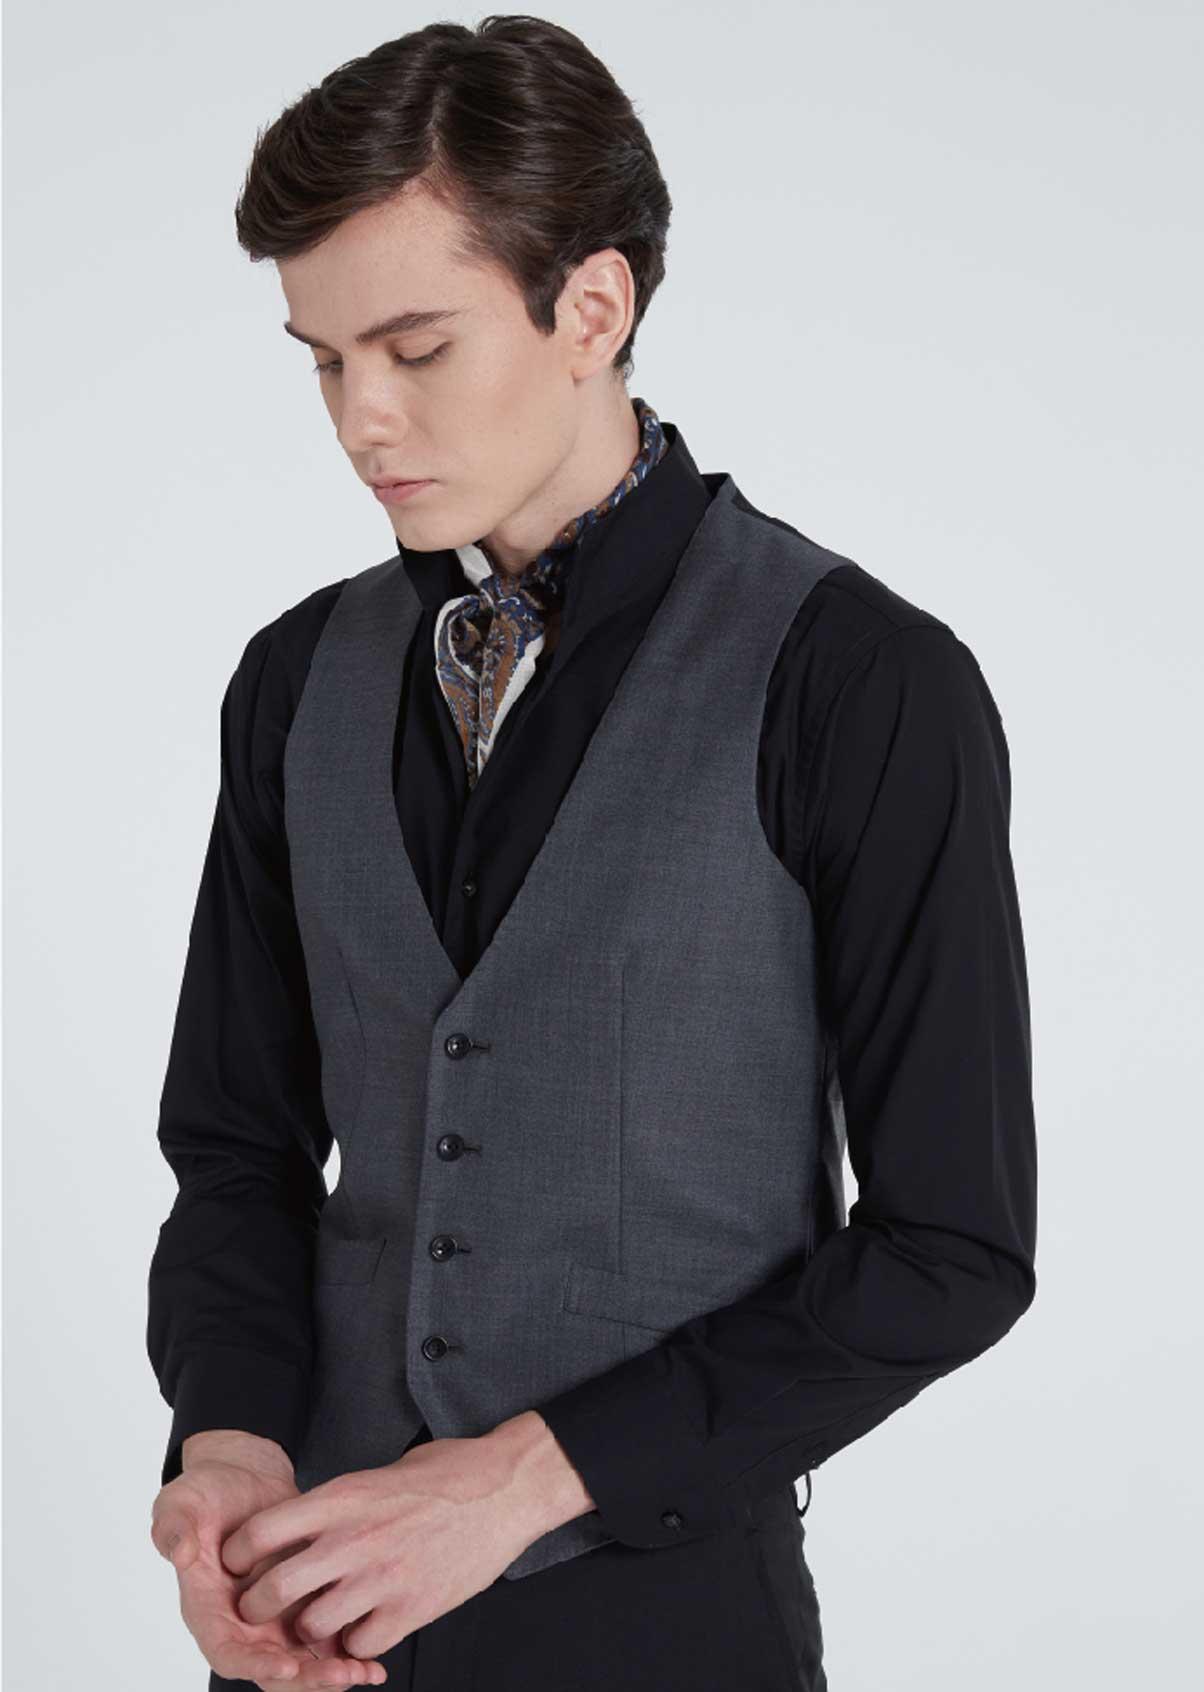 スカーフやベストを合わせるとゴージャスな装いに